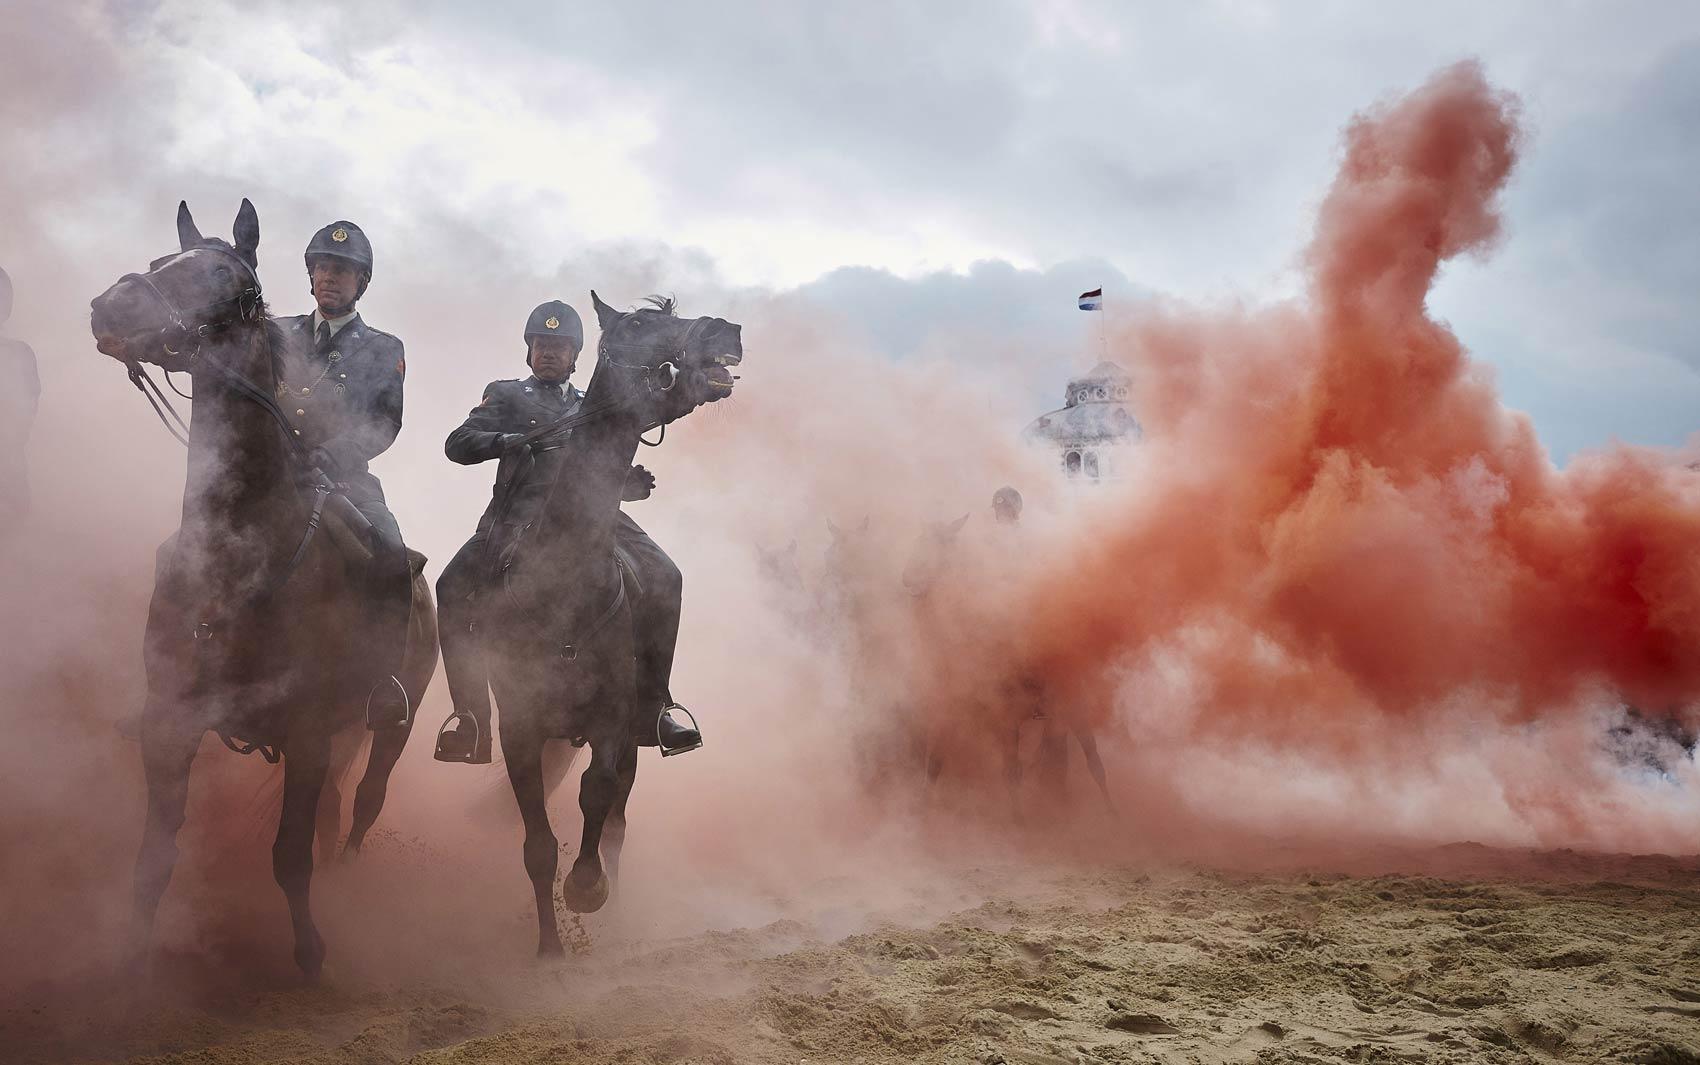 14/9 - Policiais passam cavalgando em meio a fumaça e bombas de efeito moral durante treinamento da cavalaria holandesa em Scheveningen. Cerca de 80 cavalos e policiais montados participam do treinamento a dois dias da cerimônia de abertura do Parlamento